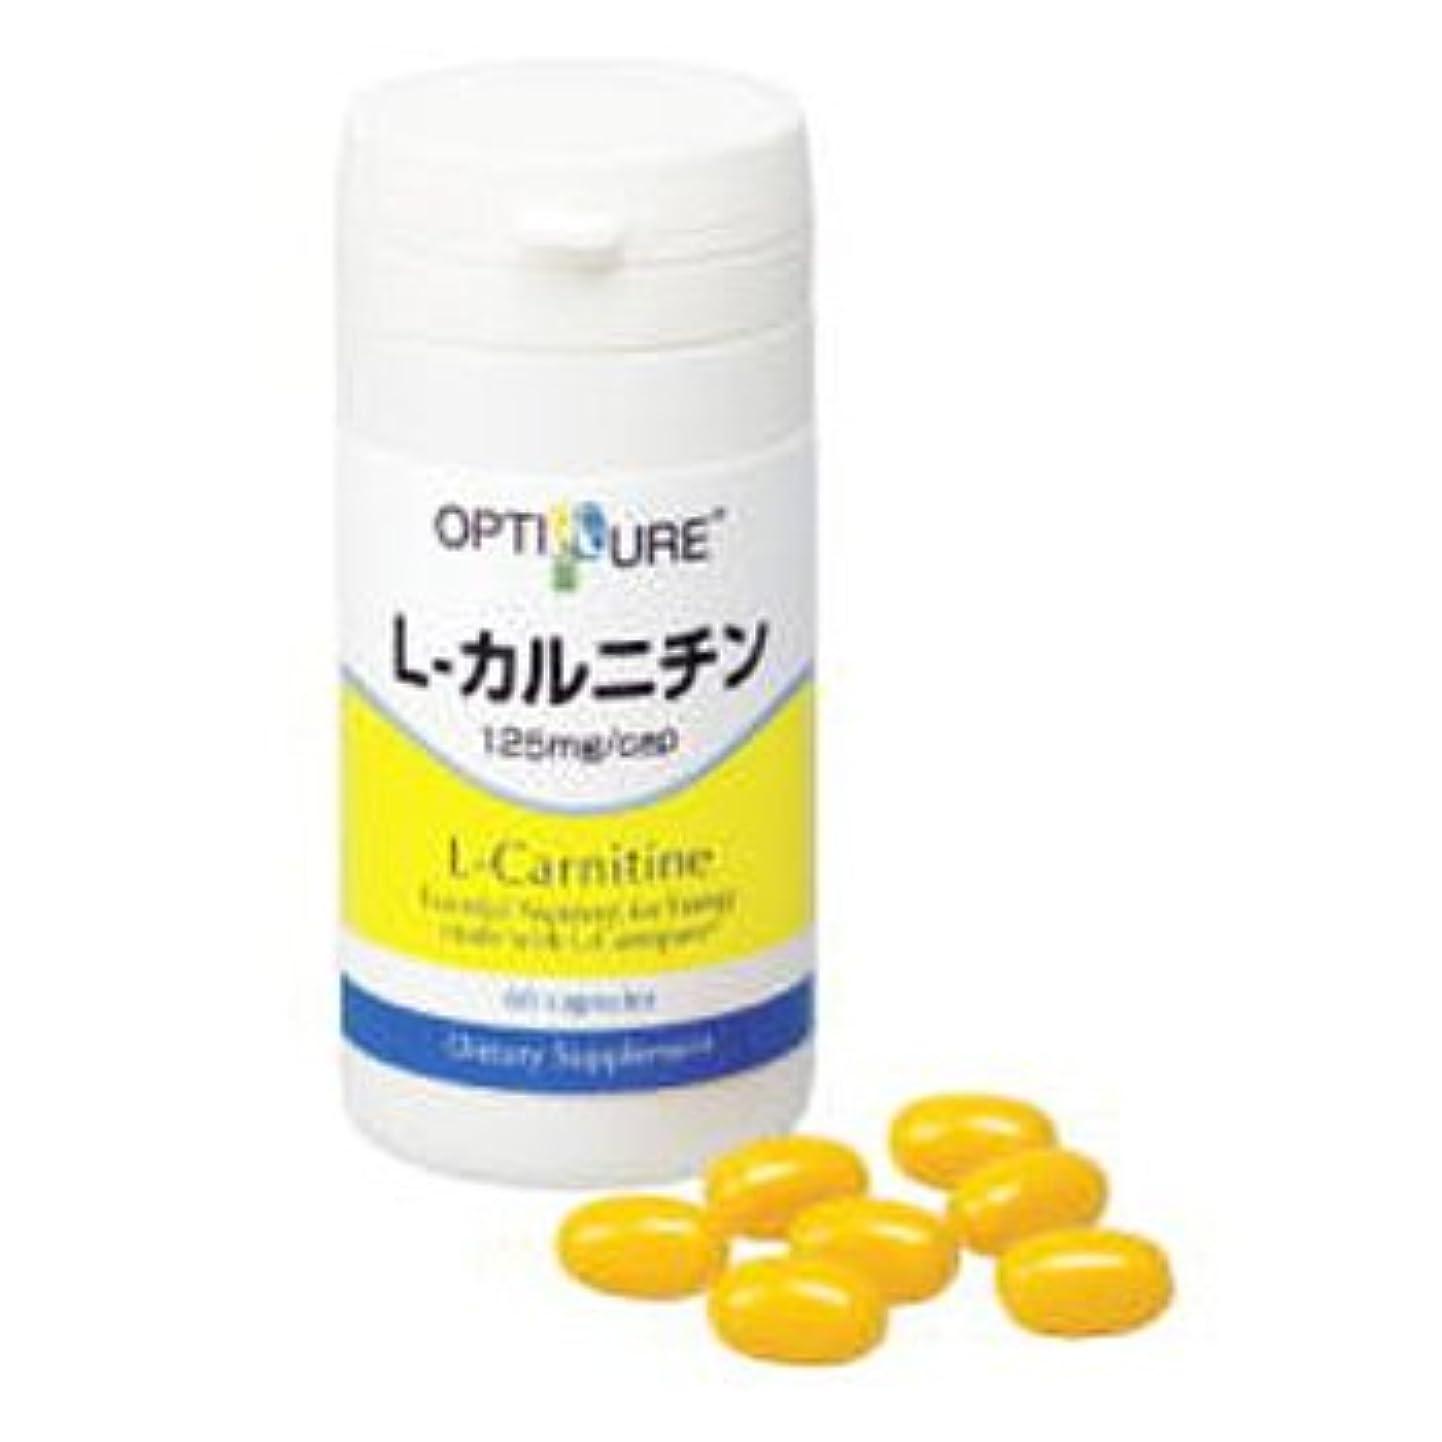 アスレチックラメ胚芽オプティピュア / L-カルニチン